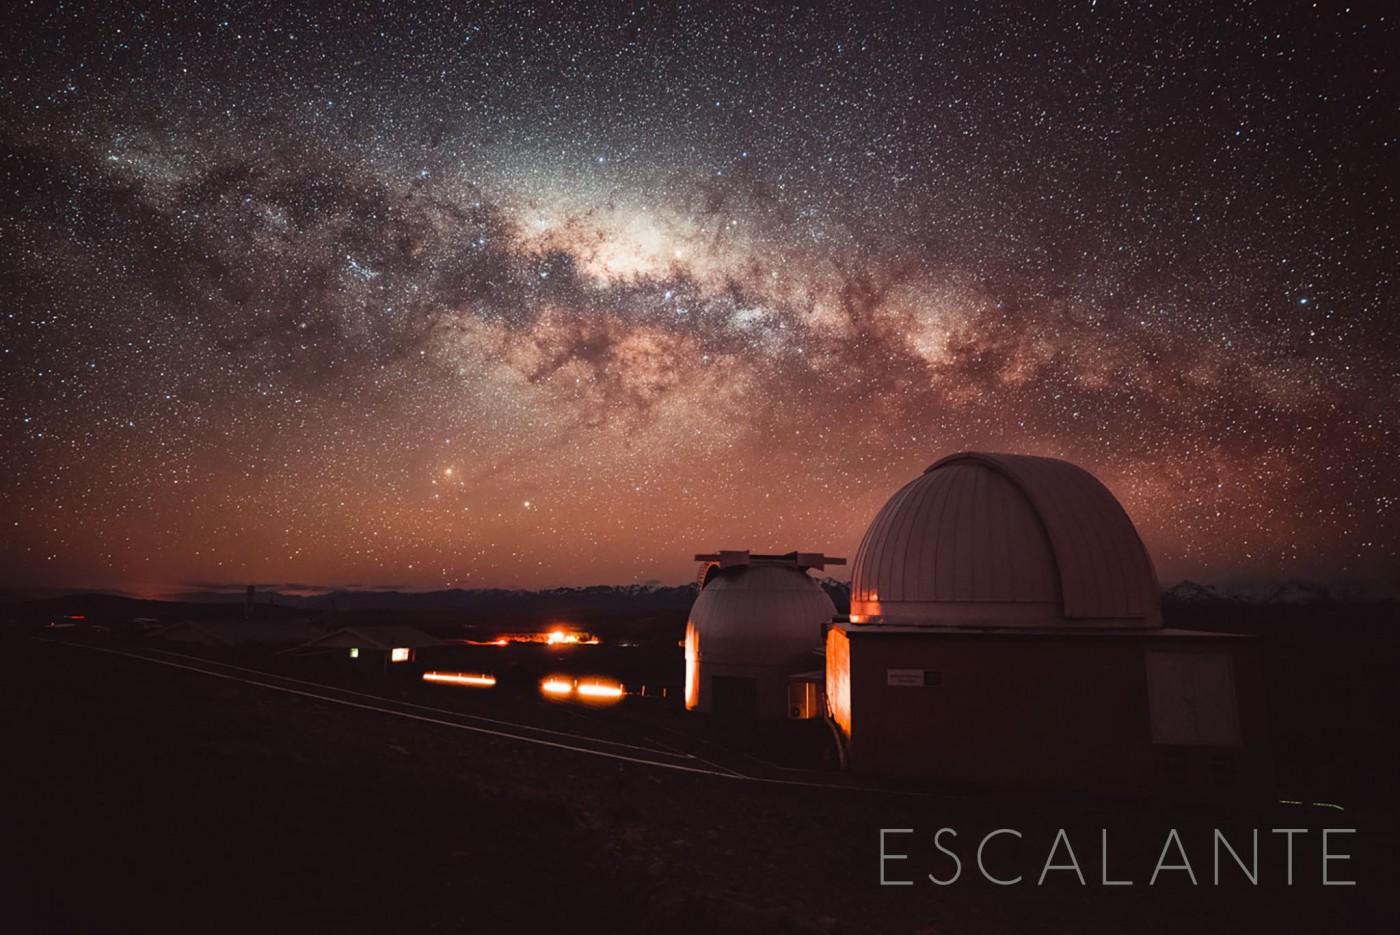 escalante3-milky-way-astrophotography-lonely-speck-lightroom-preset-1